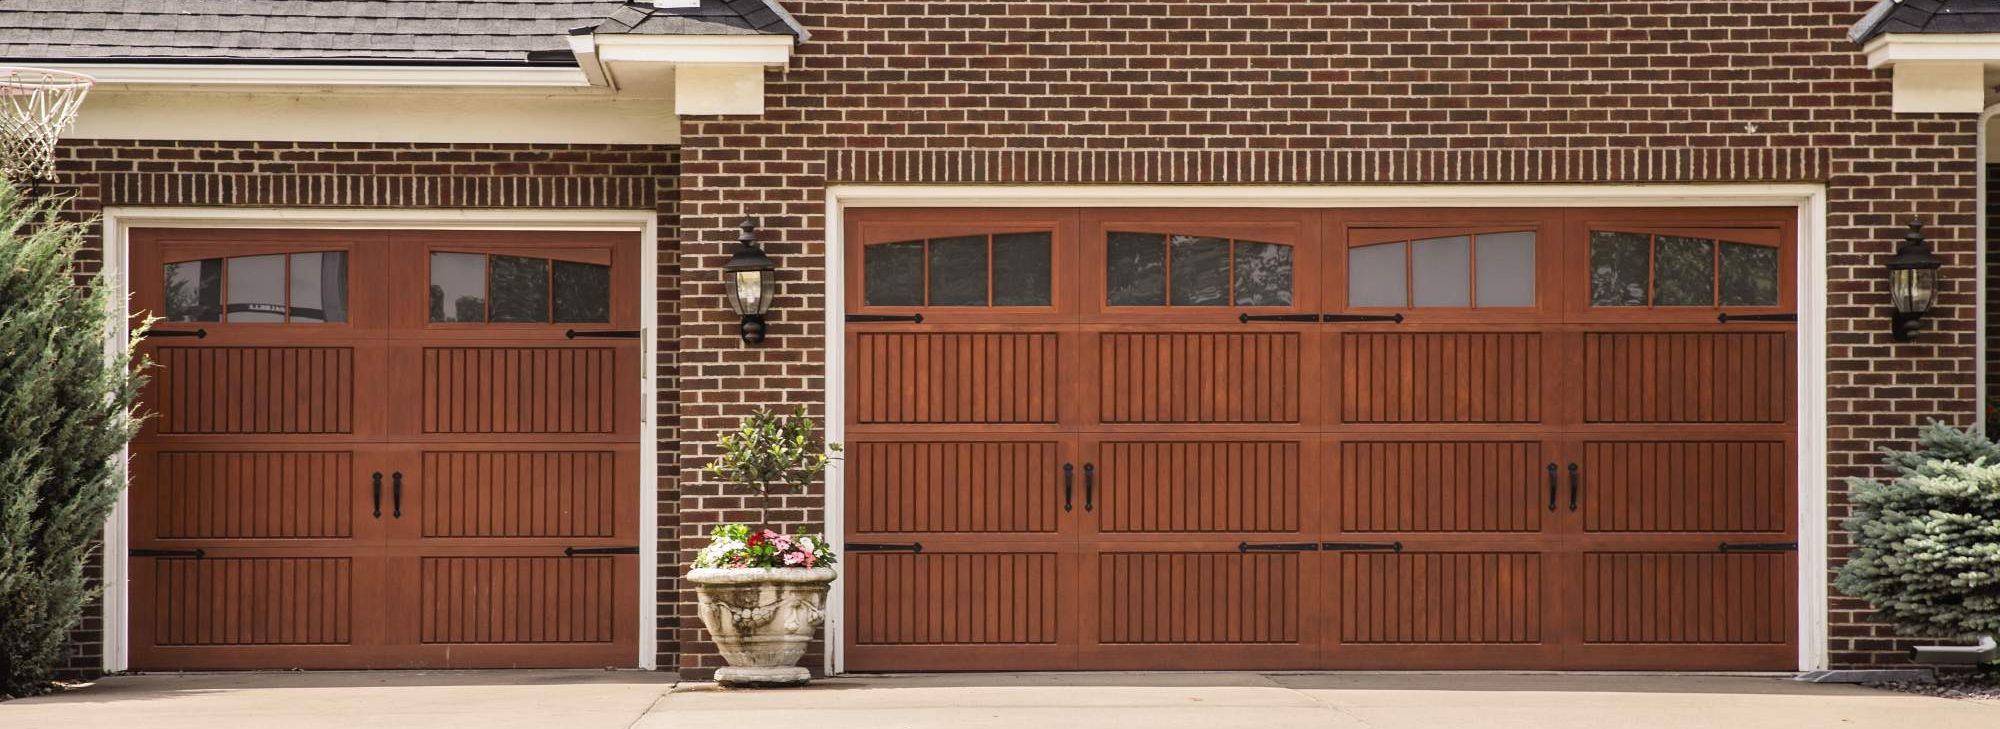 Impression Collection 174 Garage Doors Overhead Door